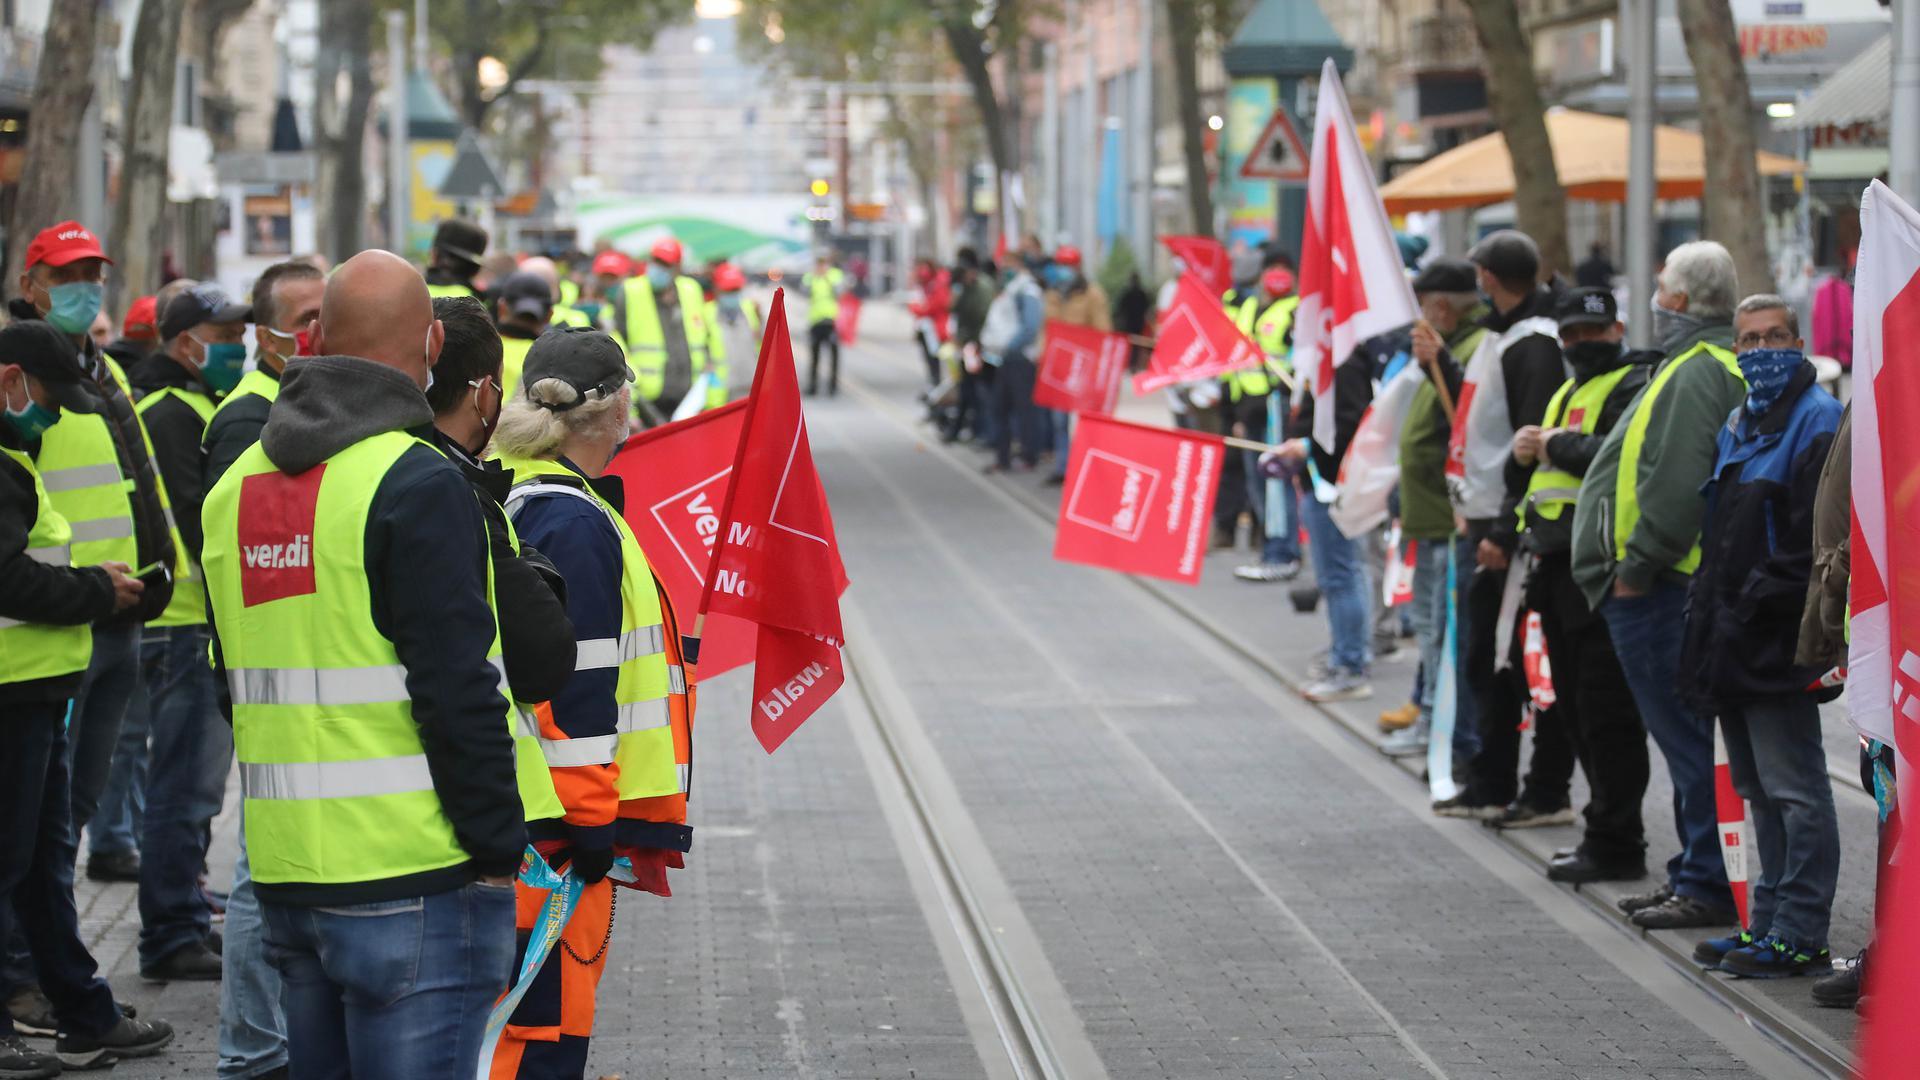 Warnstreik: Am Dienstag  folgten rund 1.300 Menschen einem Aufruf der Gewerkschaft Verdi. Unter anderem wurde auf der Kaiserstraße eine Menschenkette gebildet.